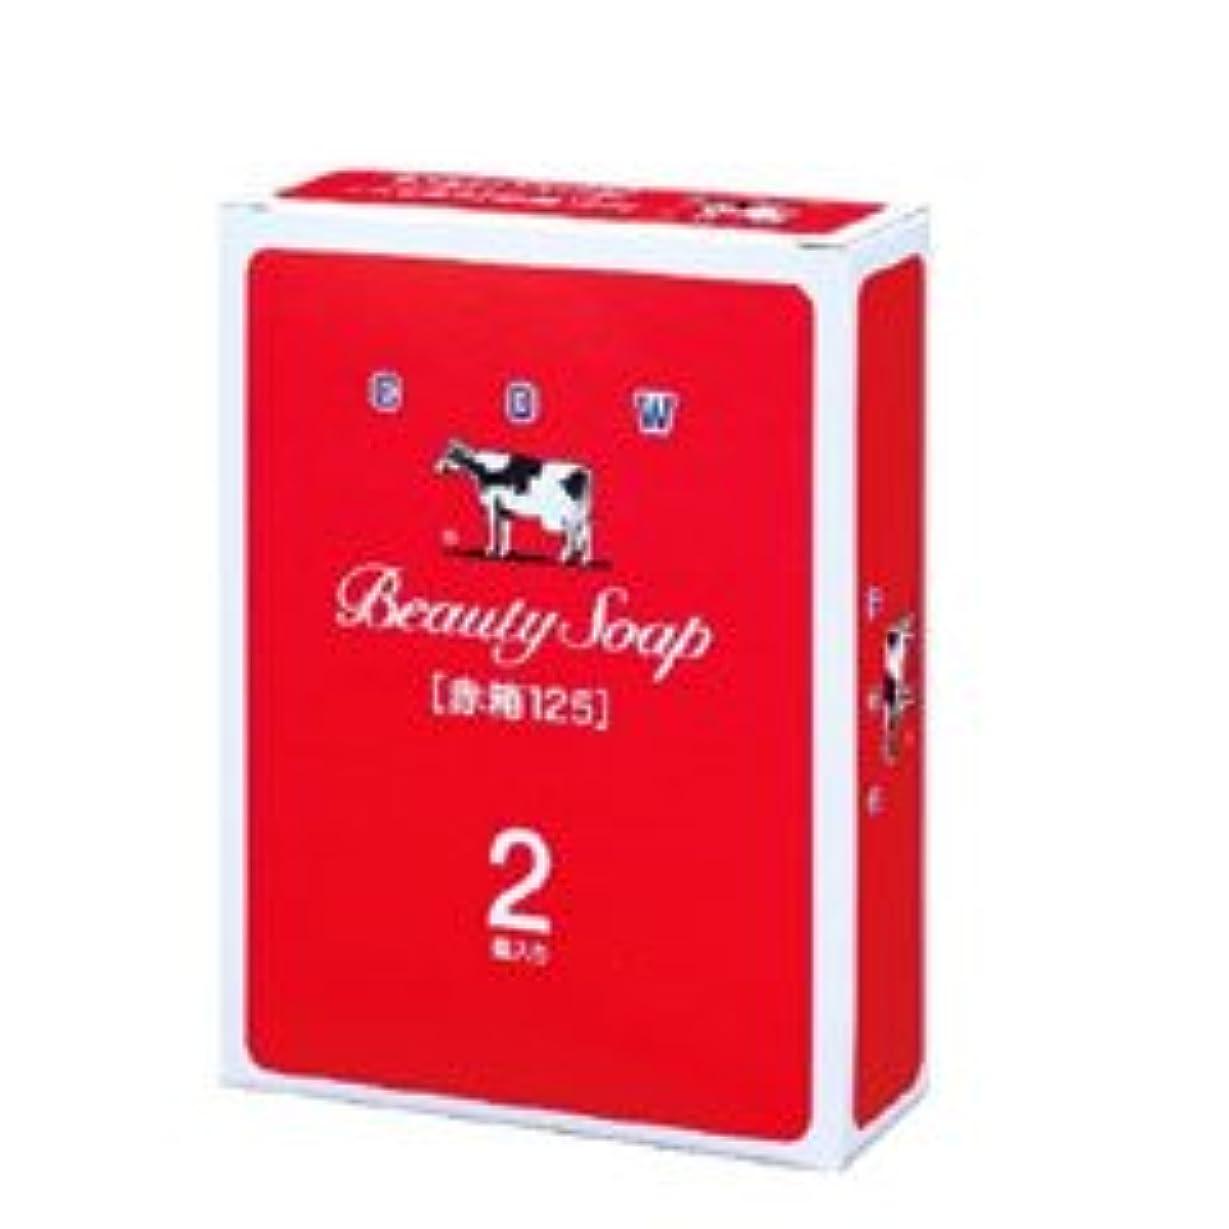 きれいに洗剤アンティーク【牛乳石鹸】カウブランド 赤箱 125 2個入り